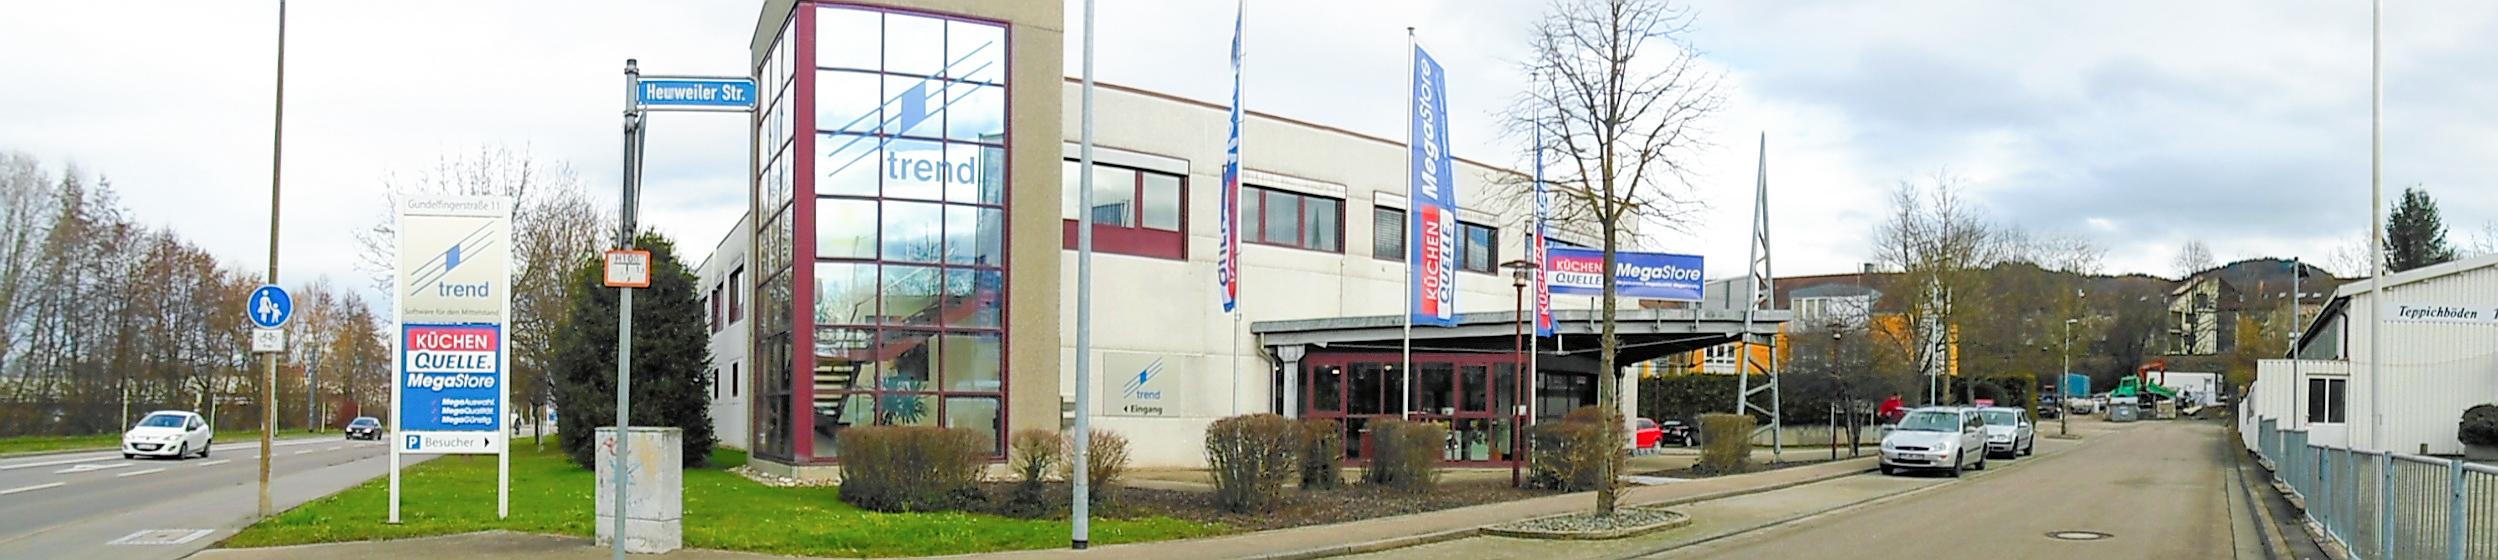 Quelle Küchen Freiburg küchen quelle küchenstudio freiburg in 79108 freiburg